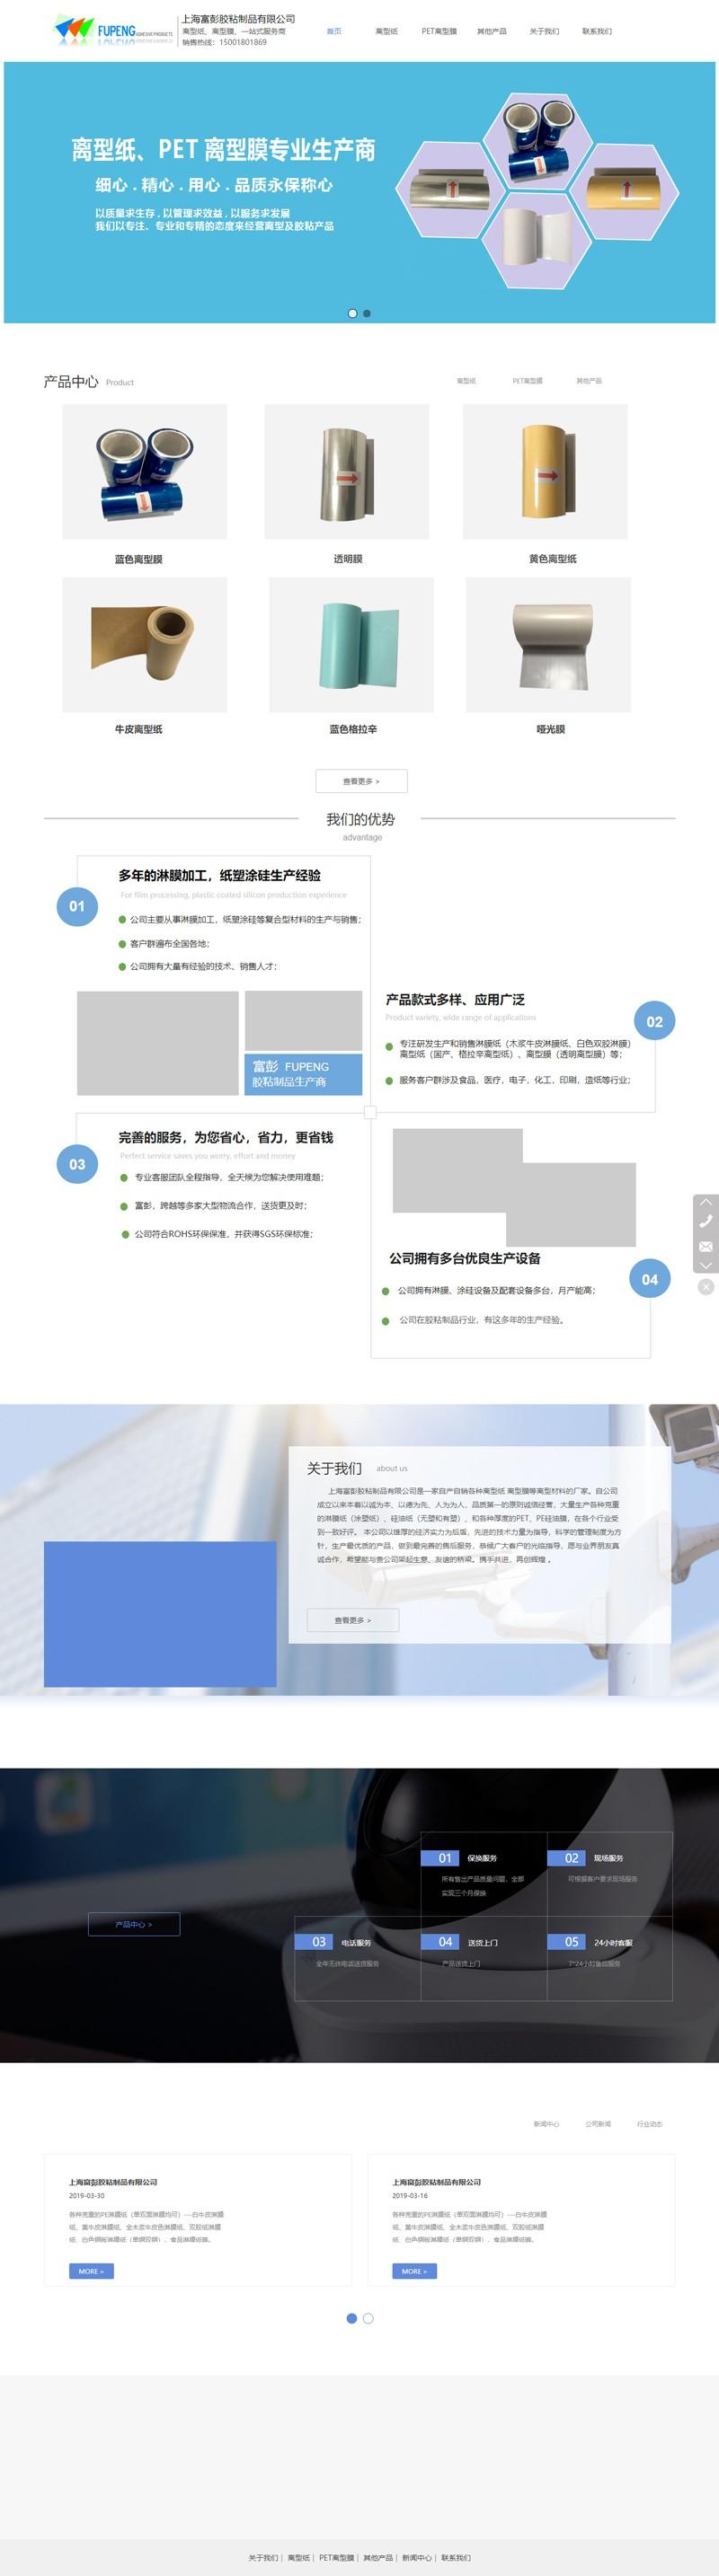 上海富彭胶粘成品无限公司1.jpg